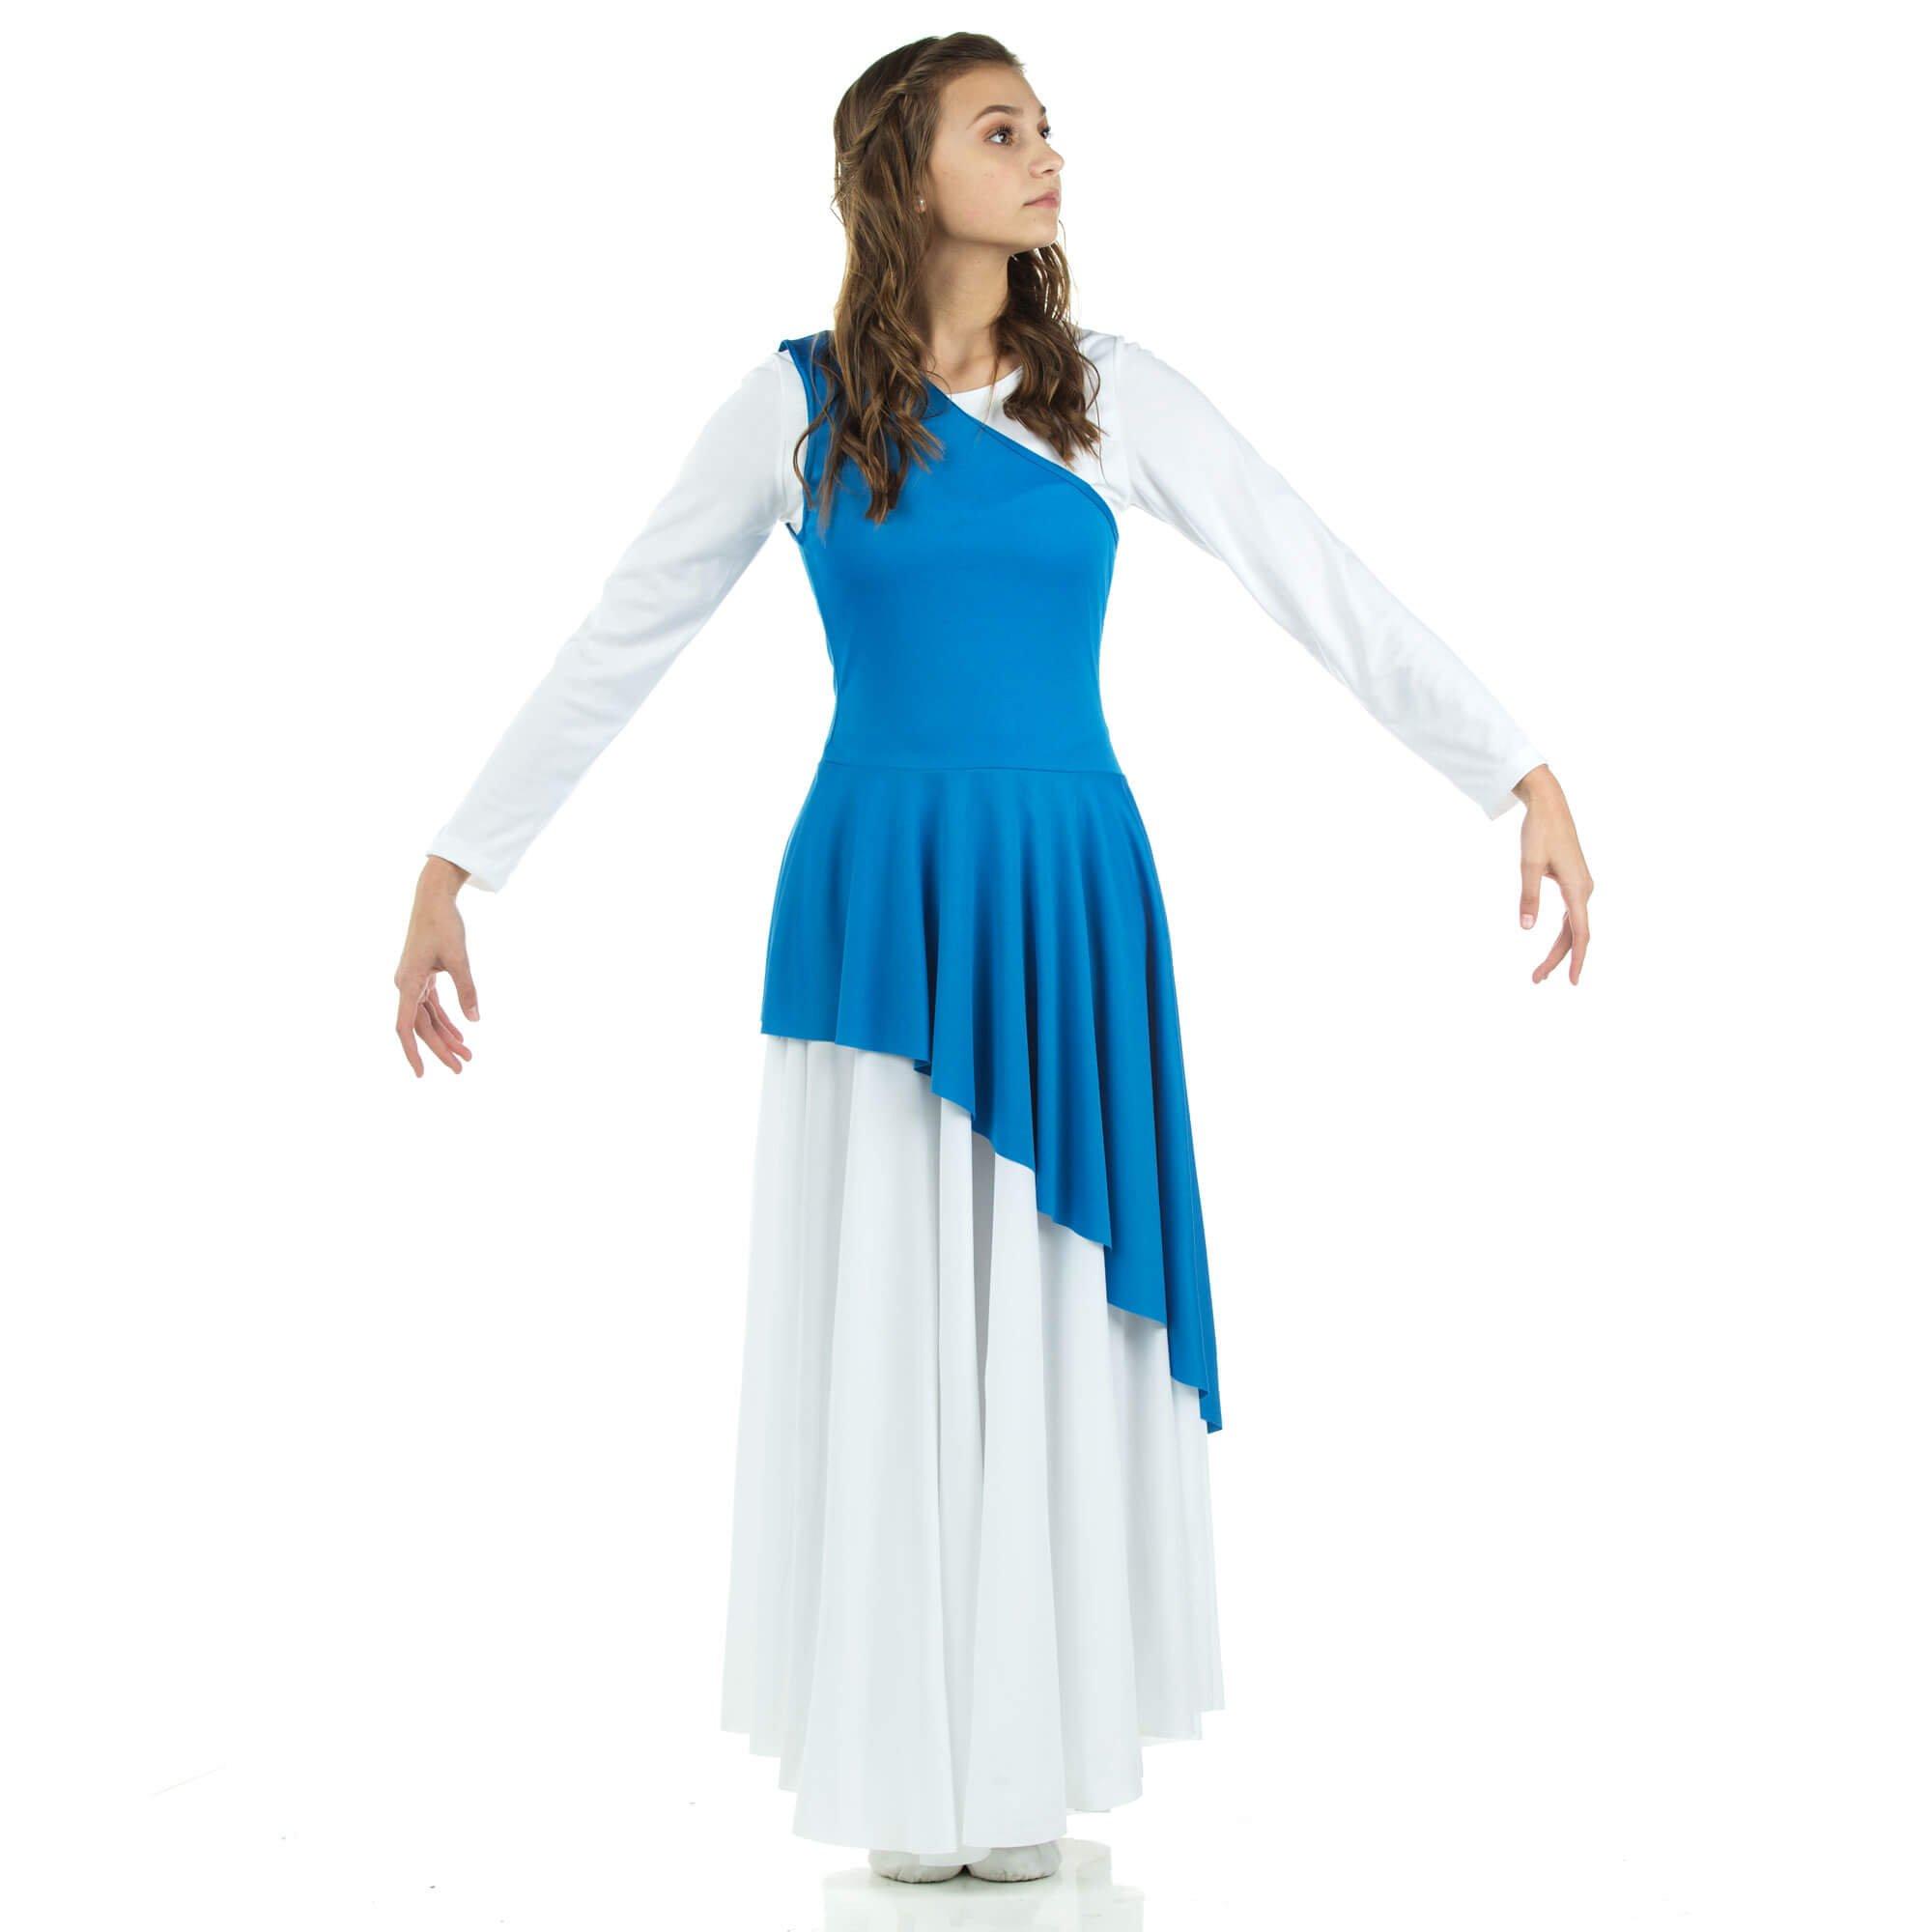 Danzcue Women's Asymmetrical Praise Dance Tunic, Bright Royal, L-XL-Adult by Danzcue